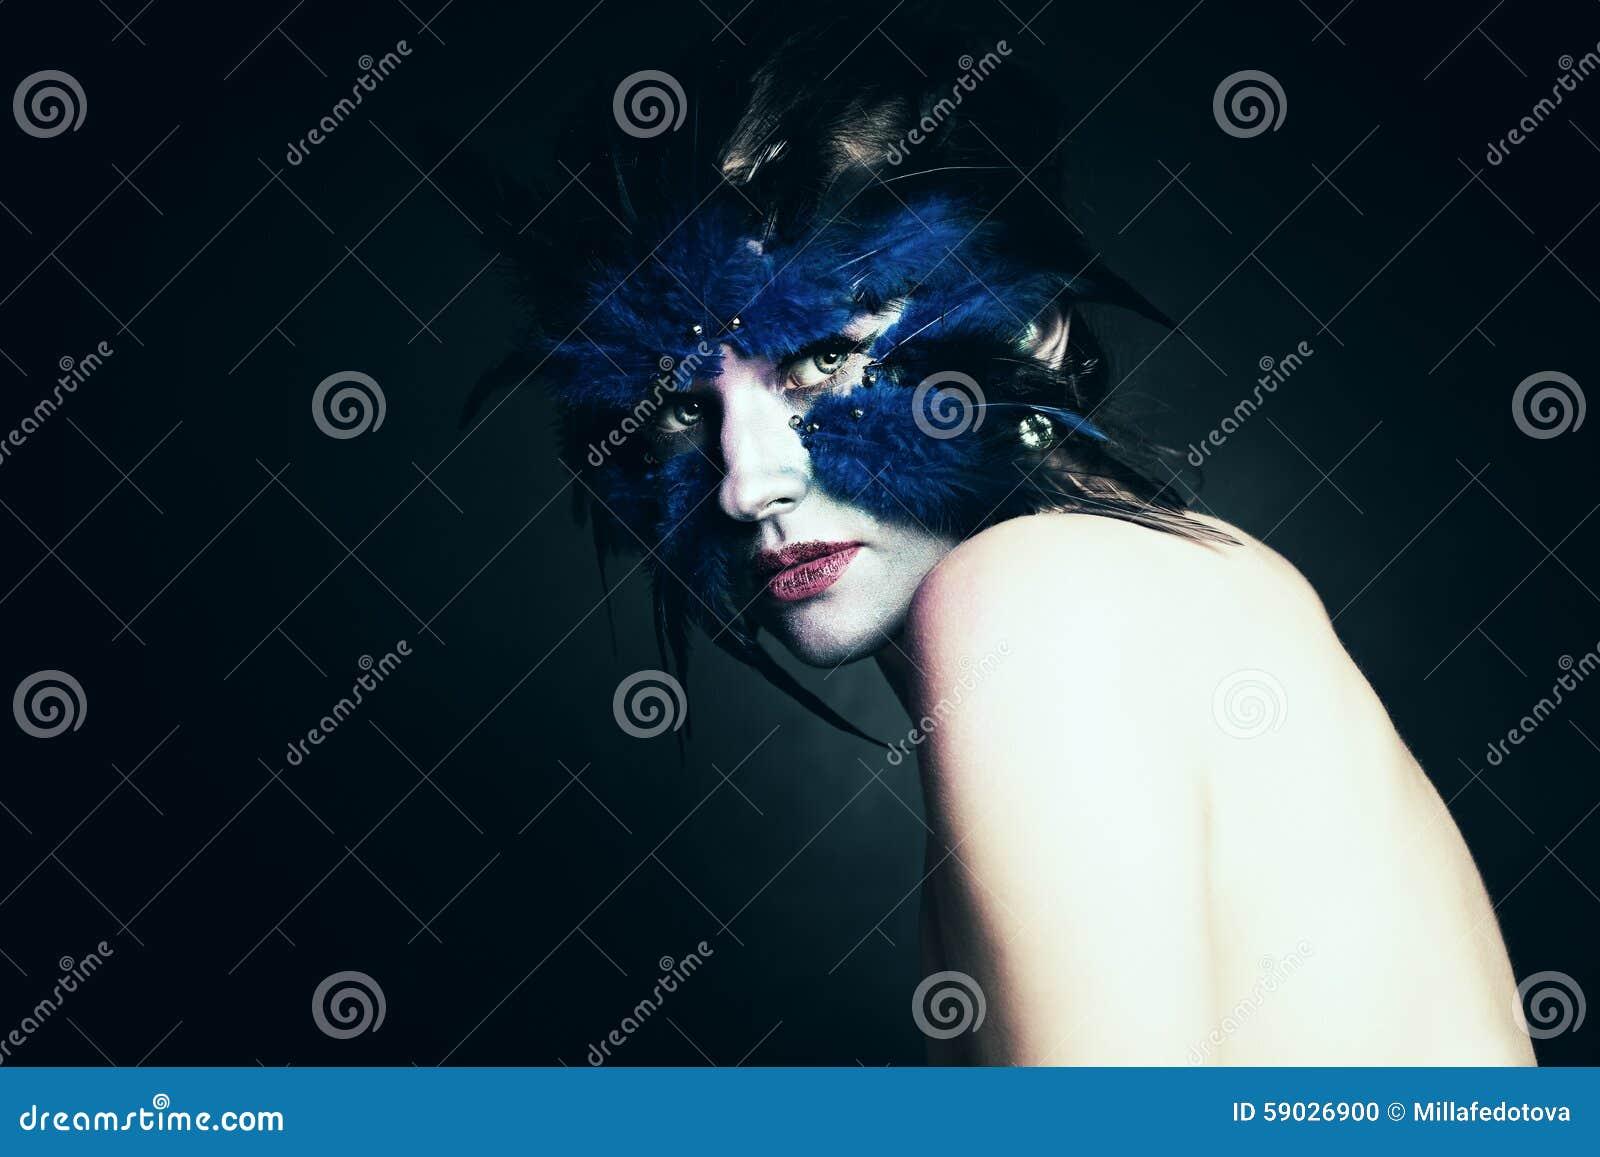 Concepto de la fantasía Mujer con maquillaje del arte Pájaro del azul de la fantasía